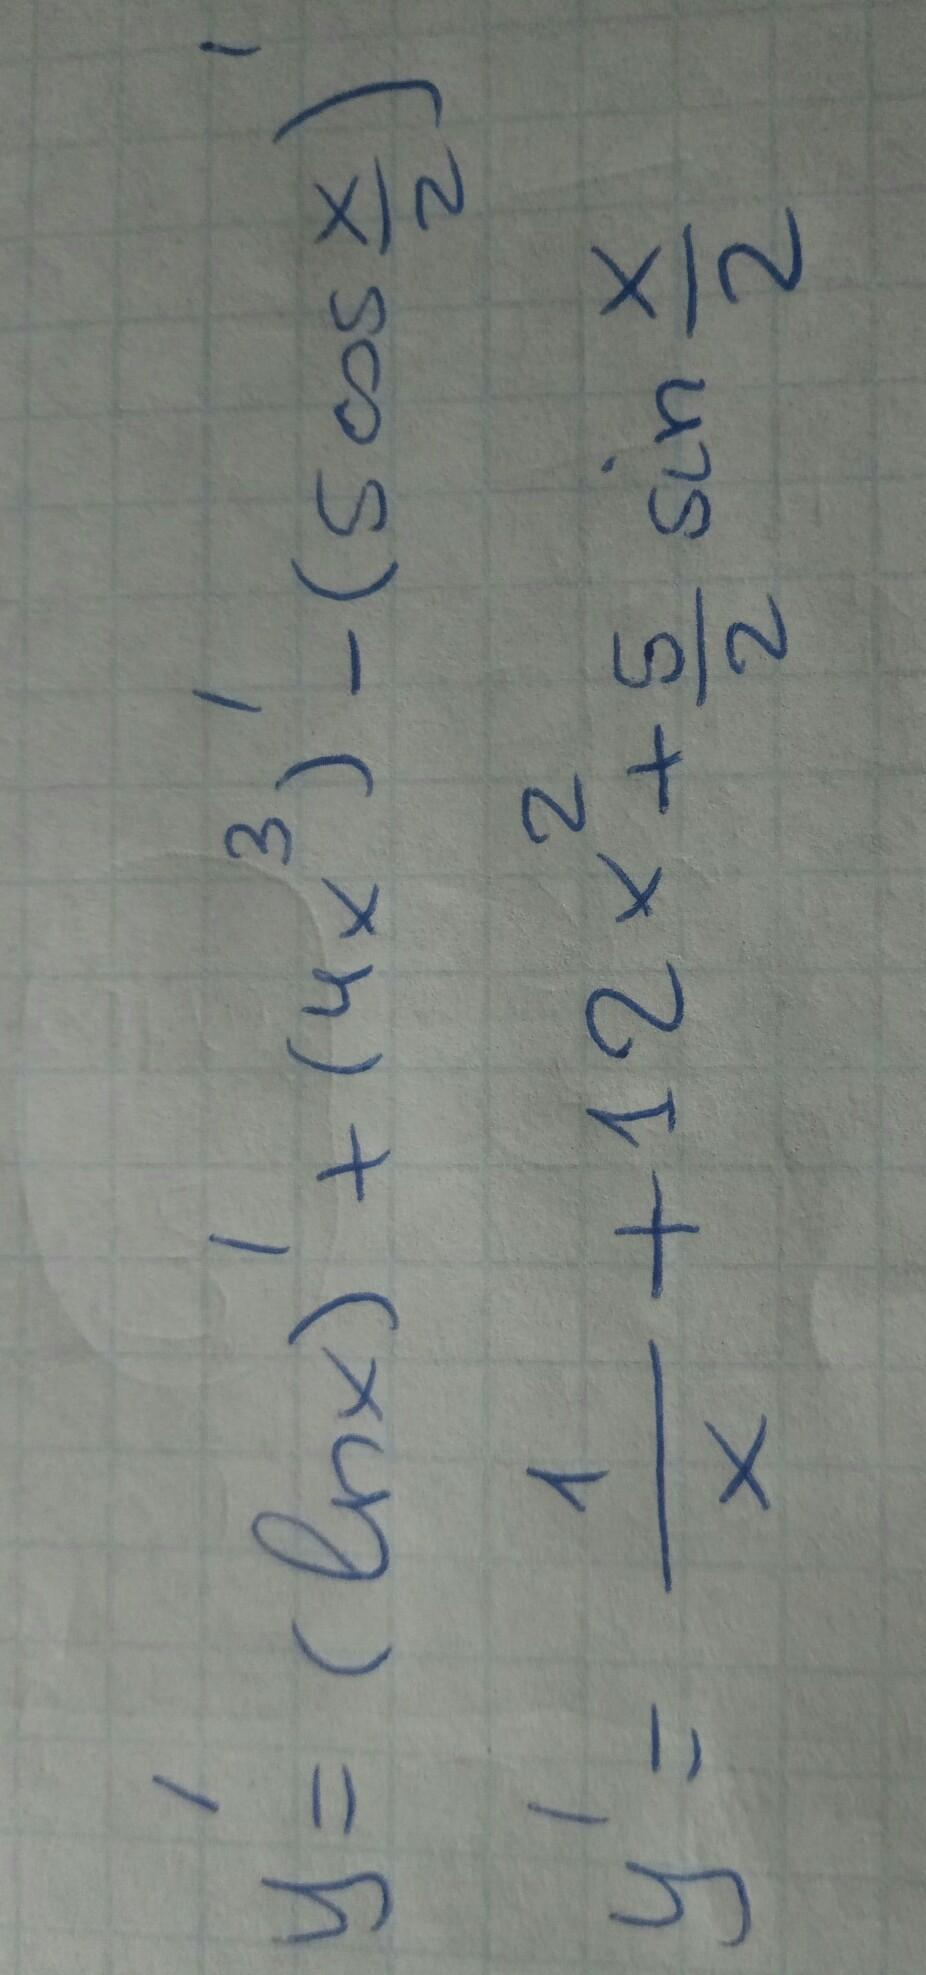 Знайти похидну функции y=lnx+4x^3-5cos x/2